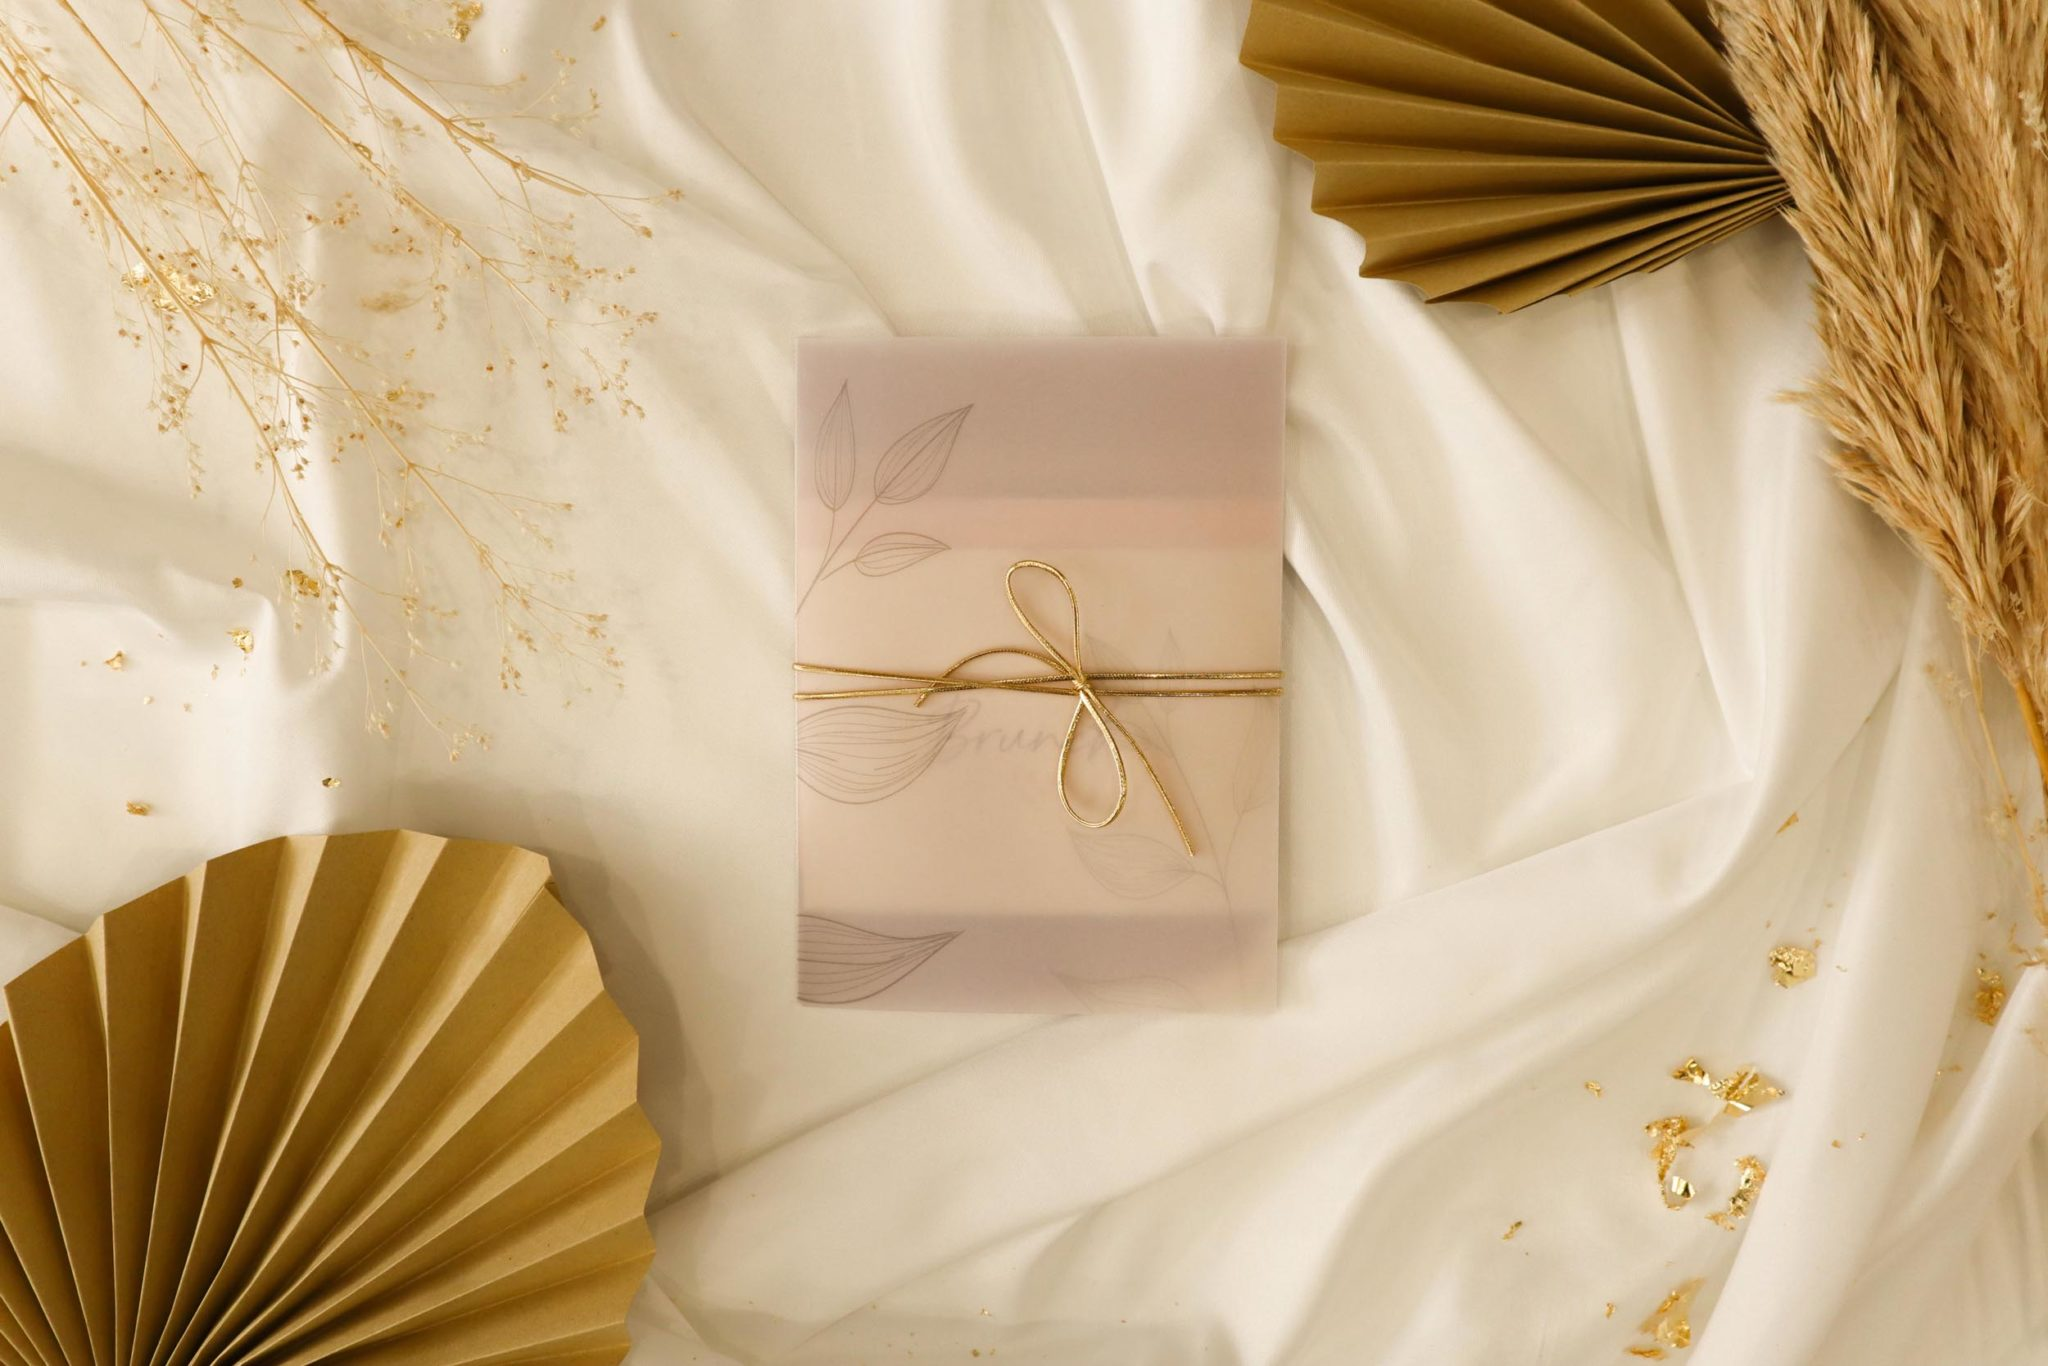 Collection calque faire-part mariage terre de sienne terracotta marron nature boheme beige or